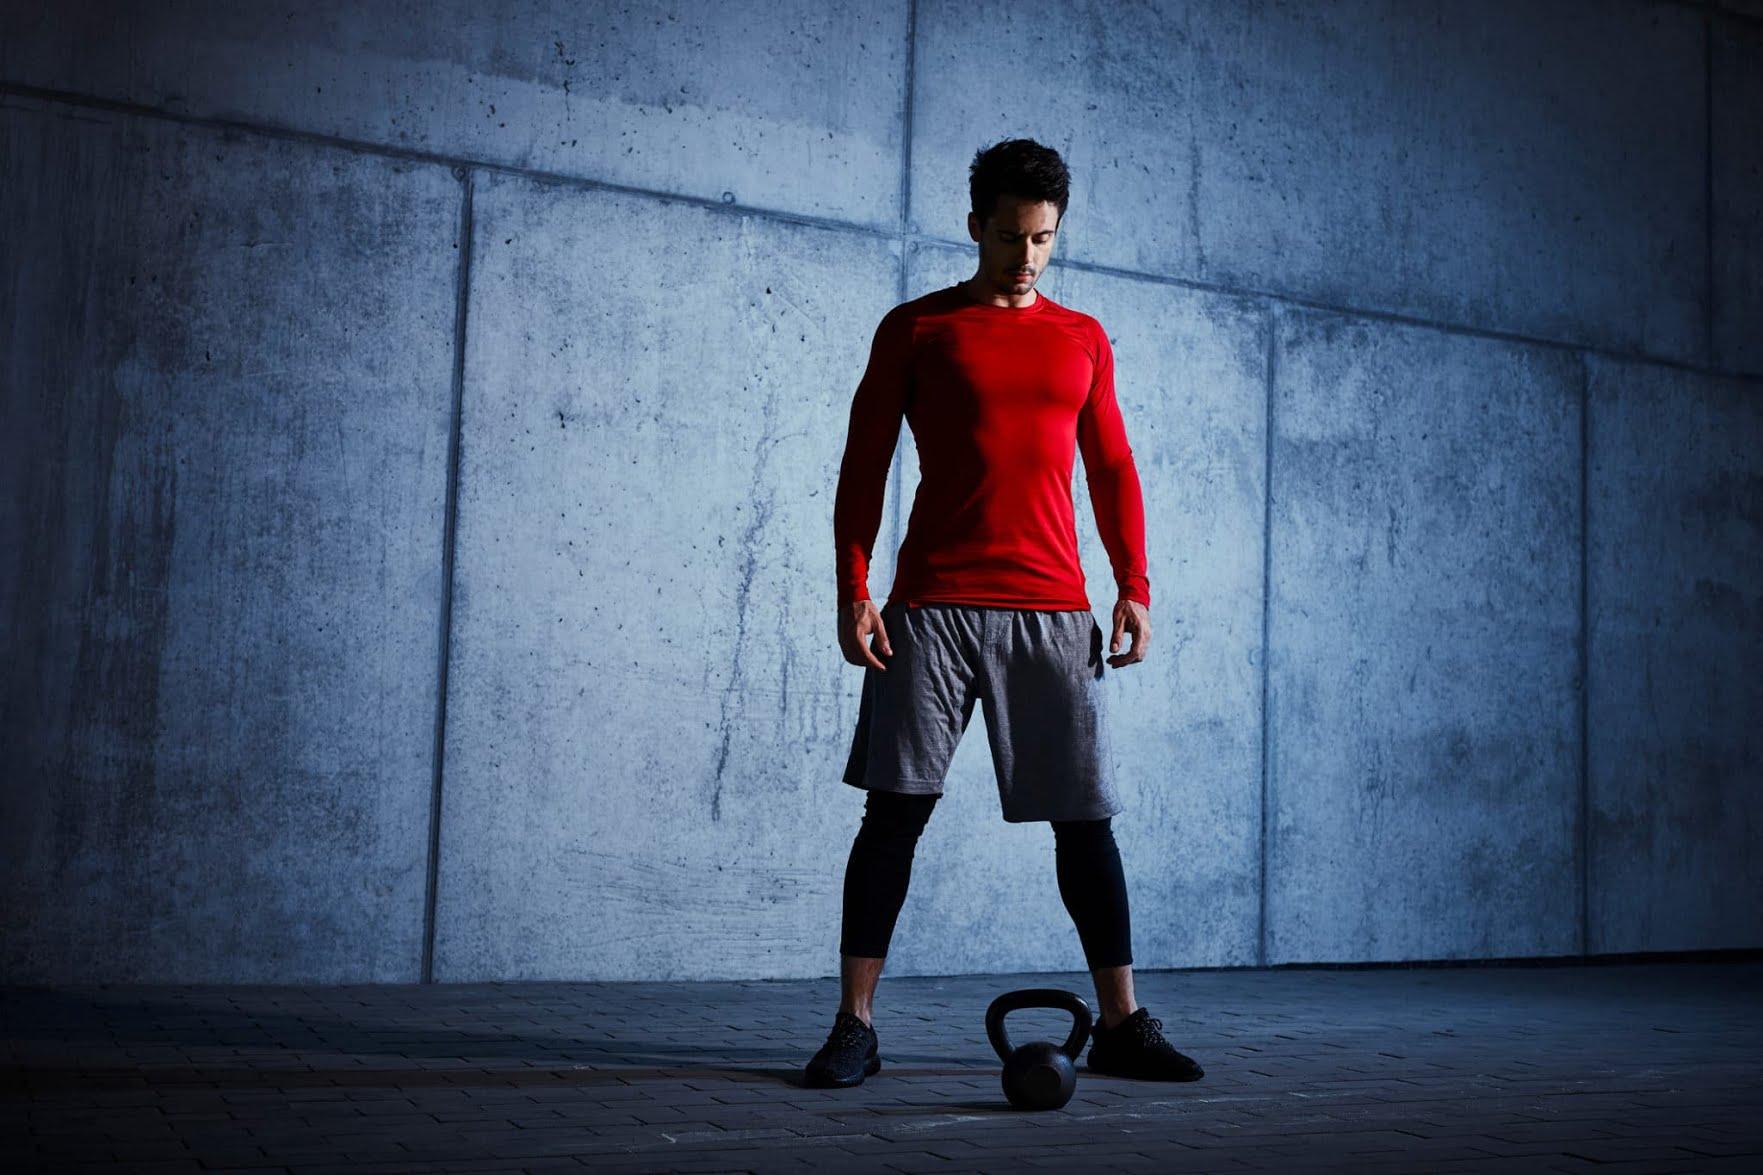 Les tendances fitness et musculation en 2021